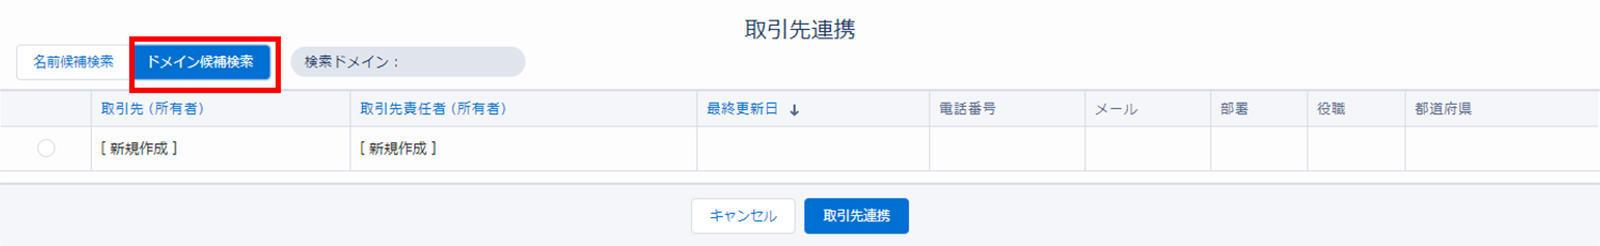 torihikisaki_kanri_04.jpg